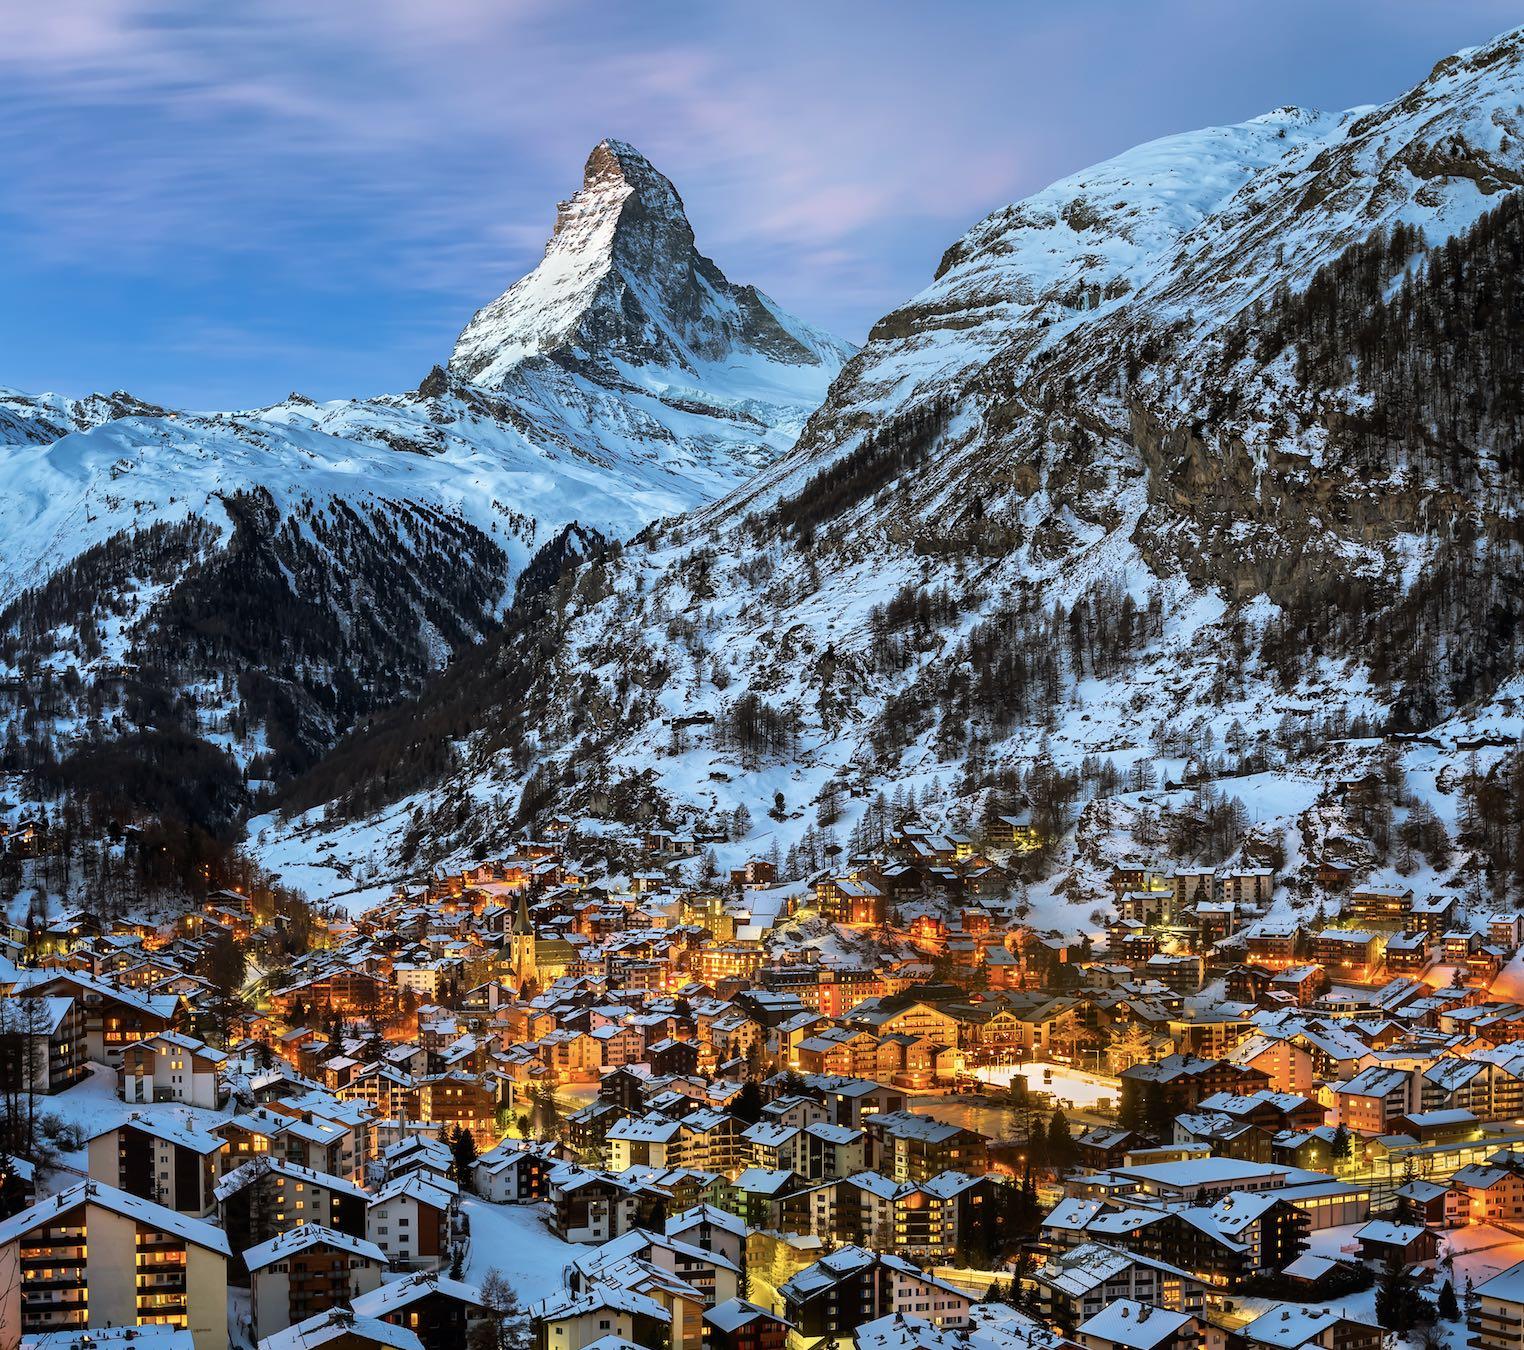 SWITZERLAND'S ALPS